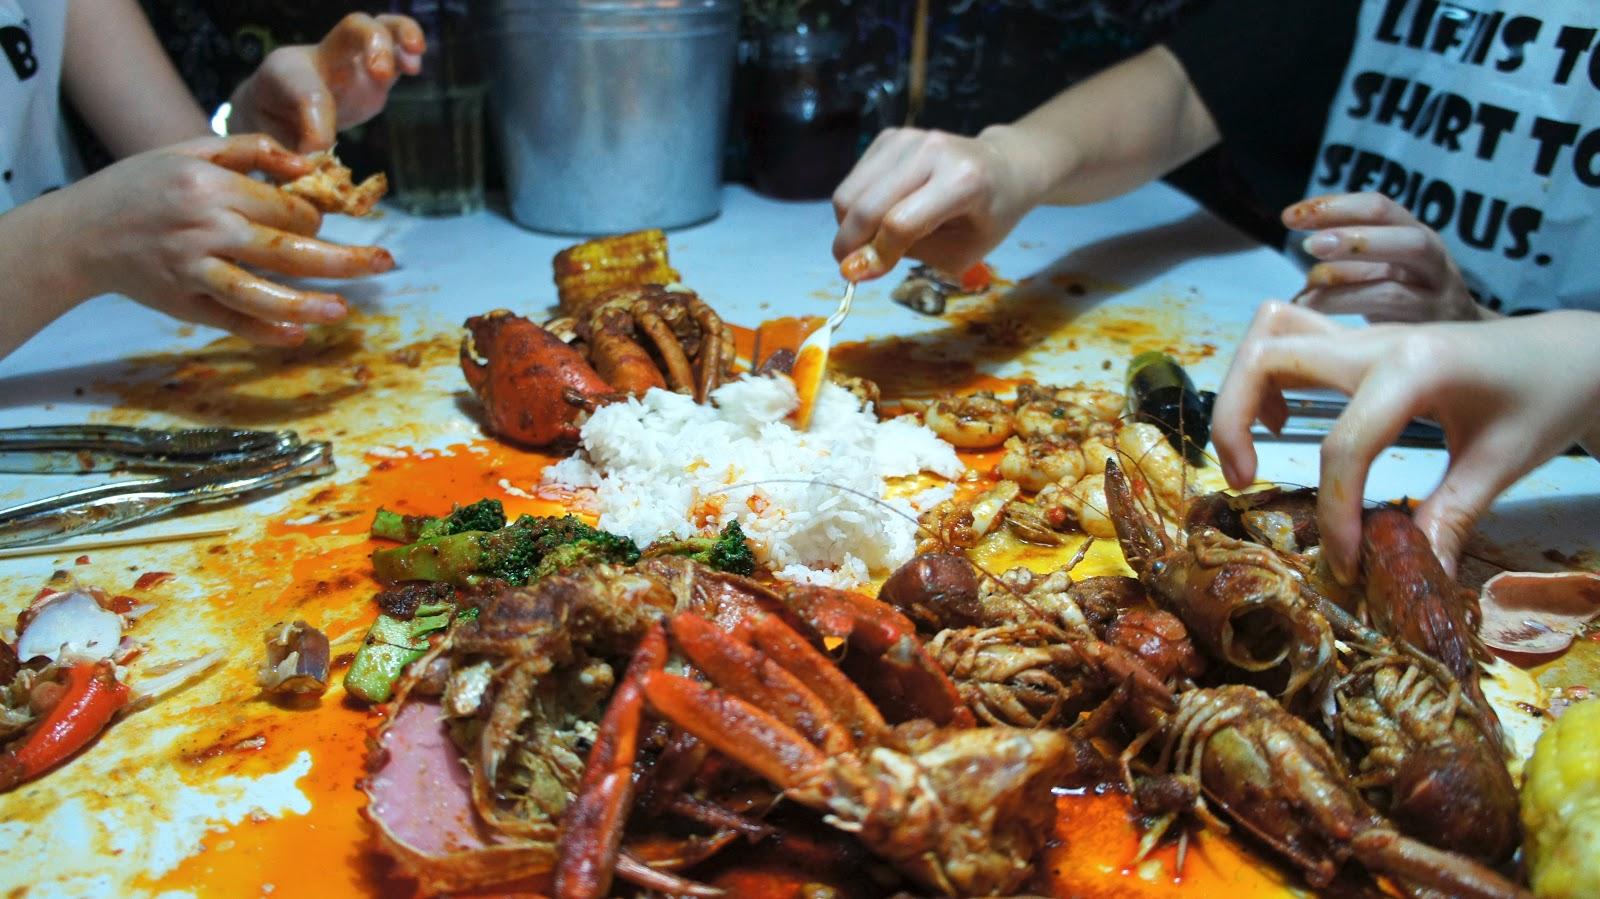 Waiii sek meowsss shell out seafood restaurant kota for Food bar kota damansara